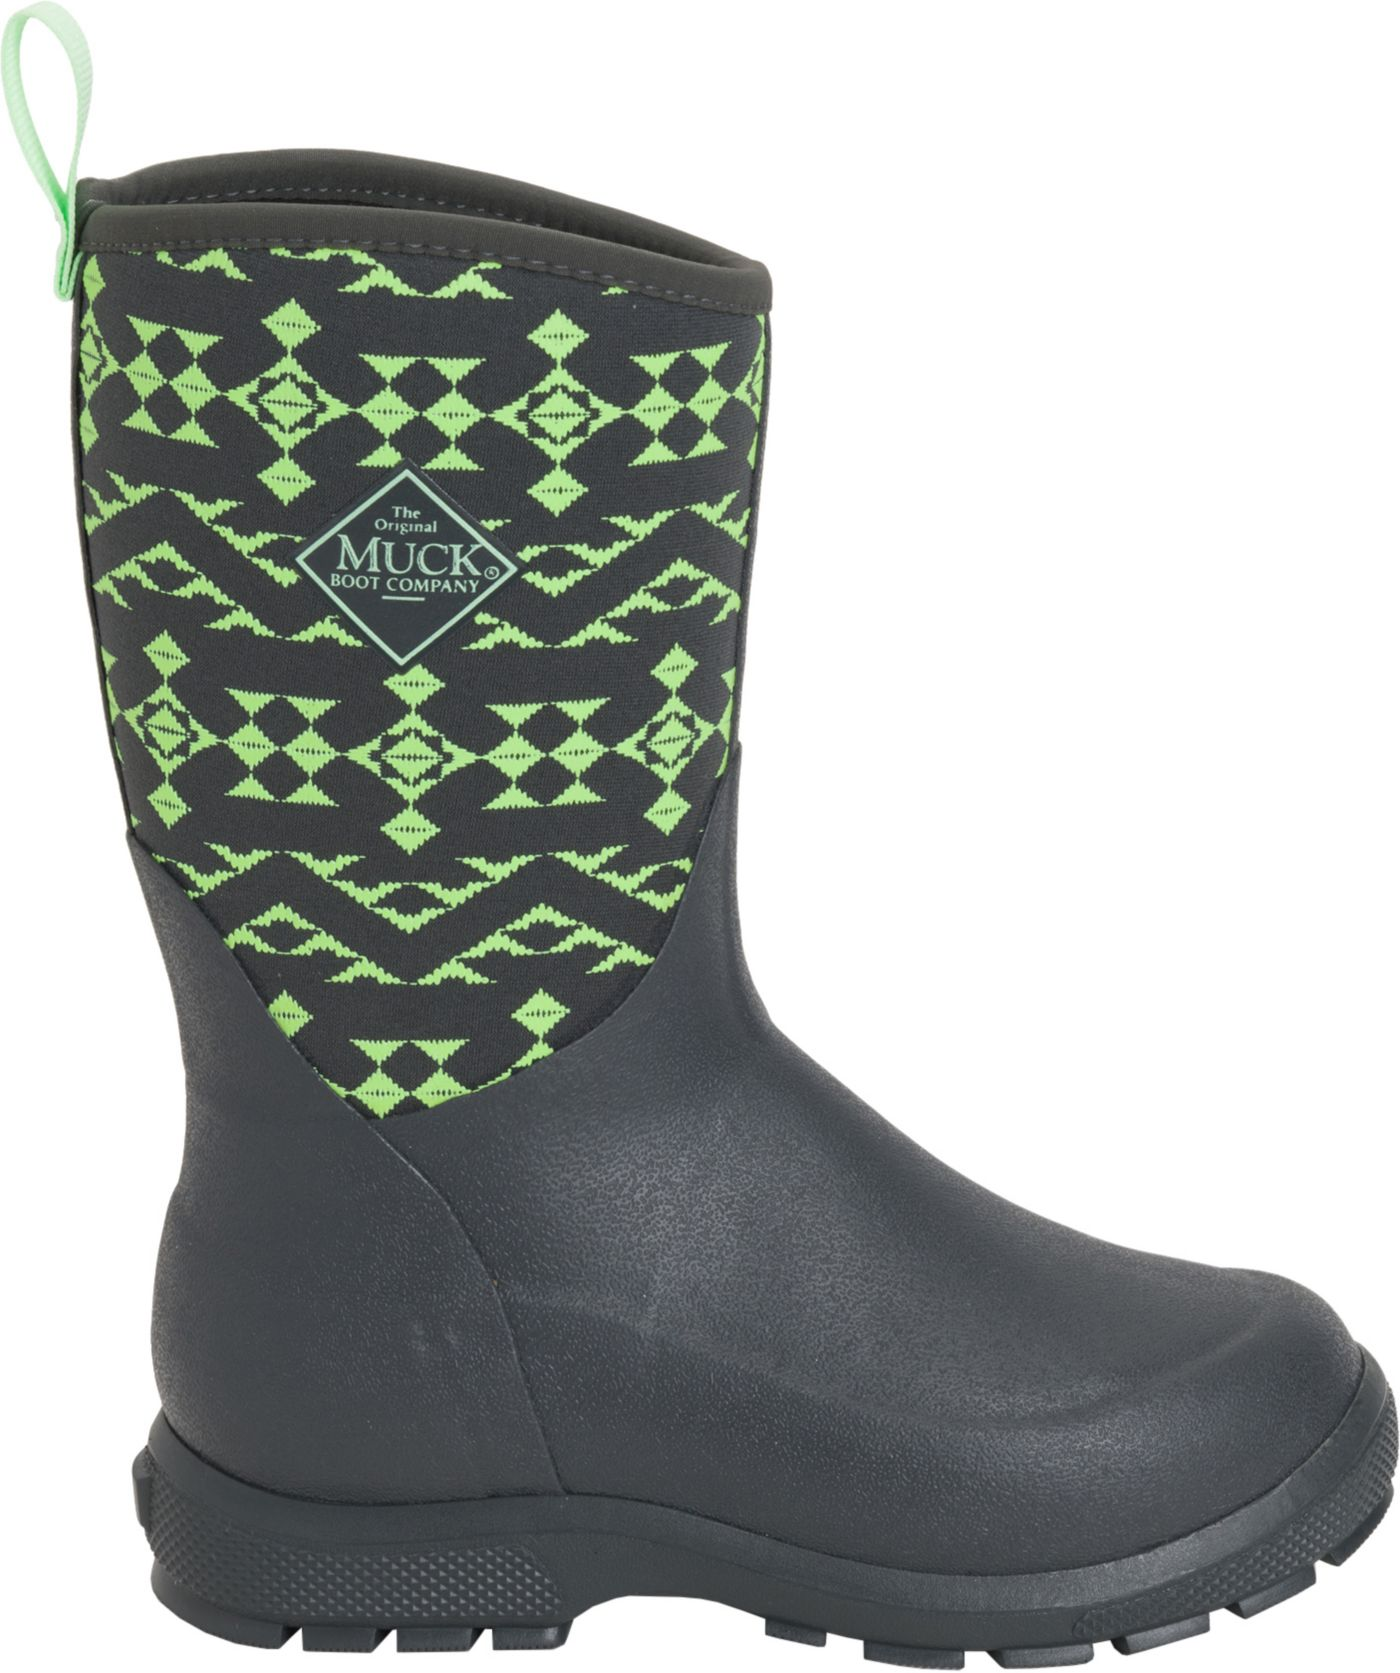 Muck Boots Kids' Element Glow-in-the-Dark Waterproof Winter Boots